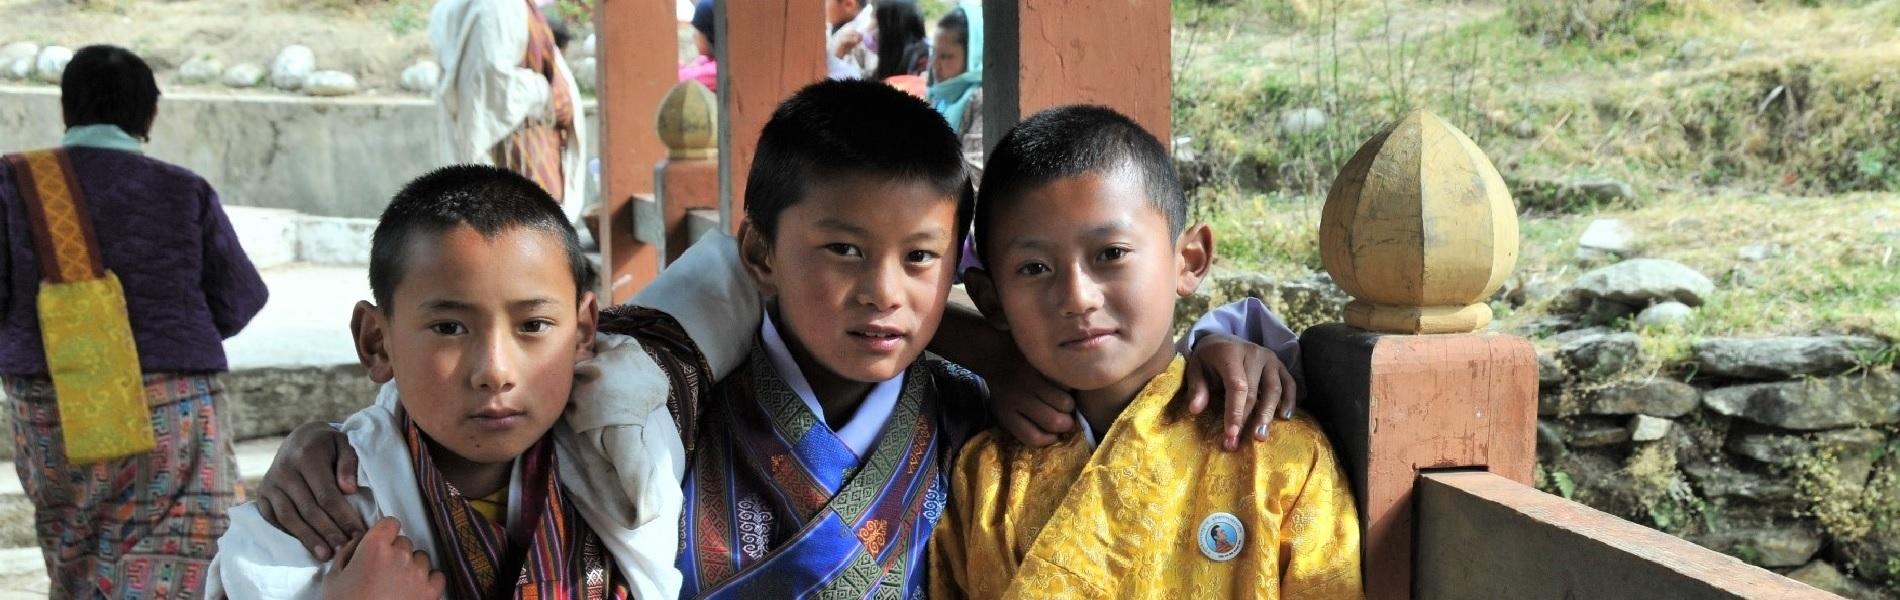 素敵な笑顔に出会う旅 ブータン旅行